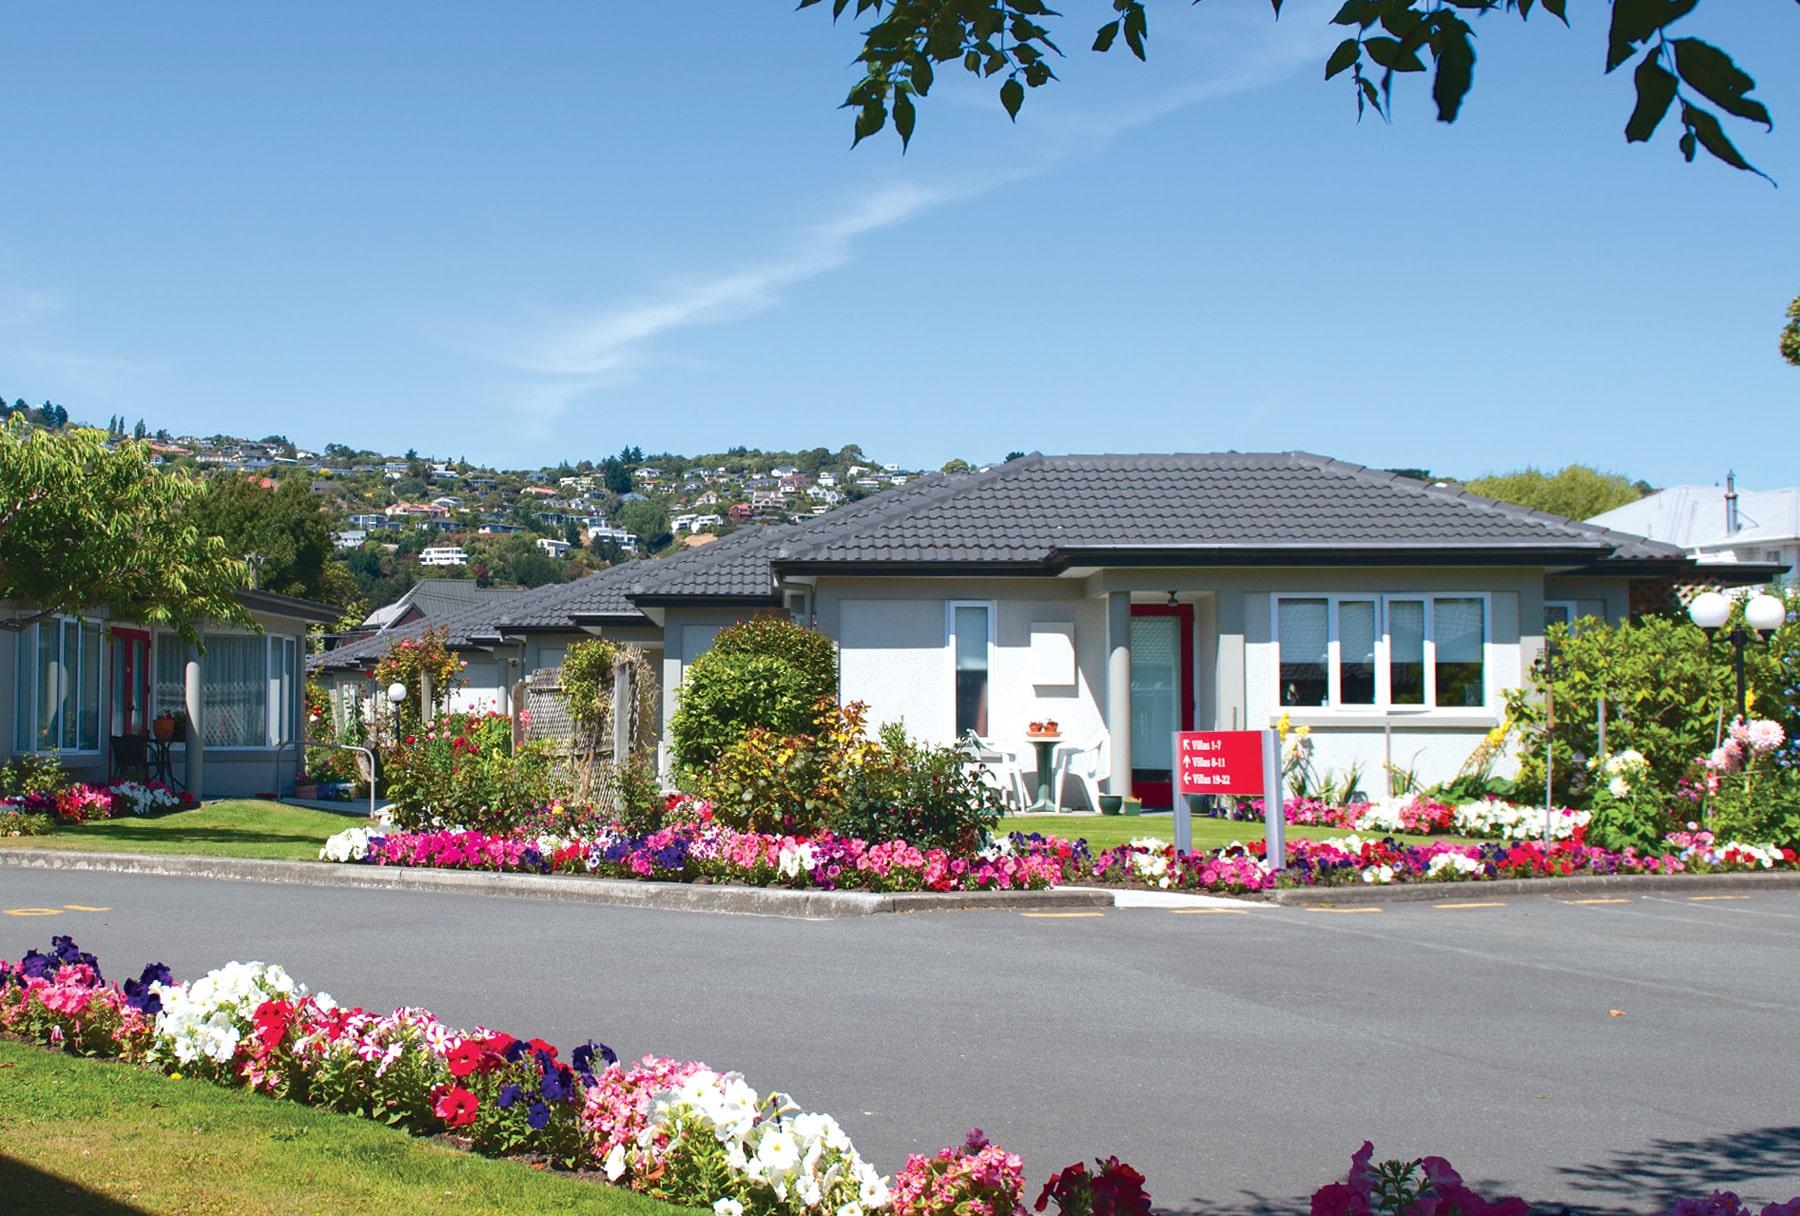 Thorrington villas